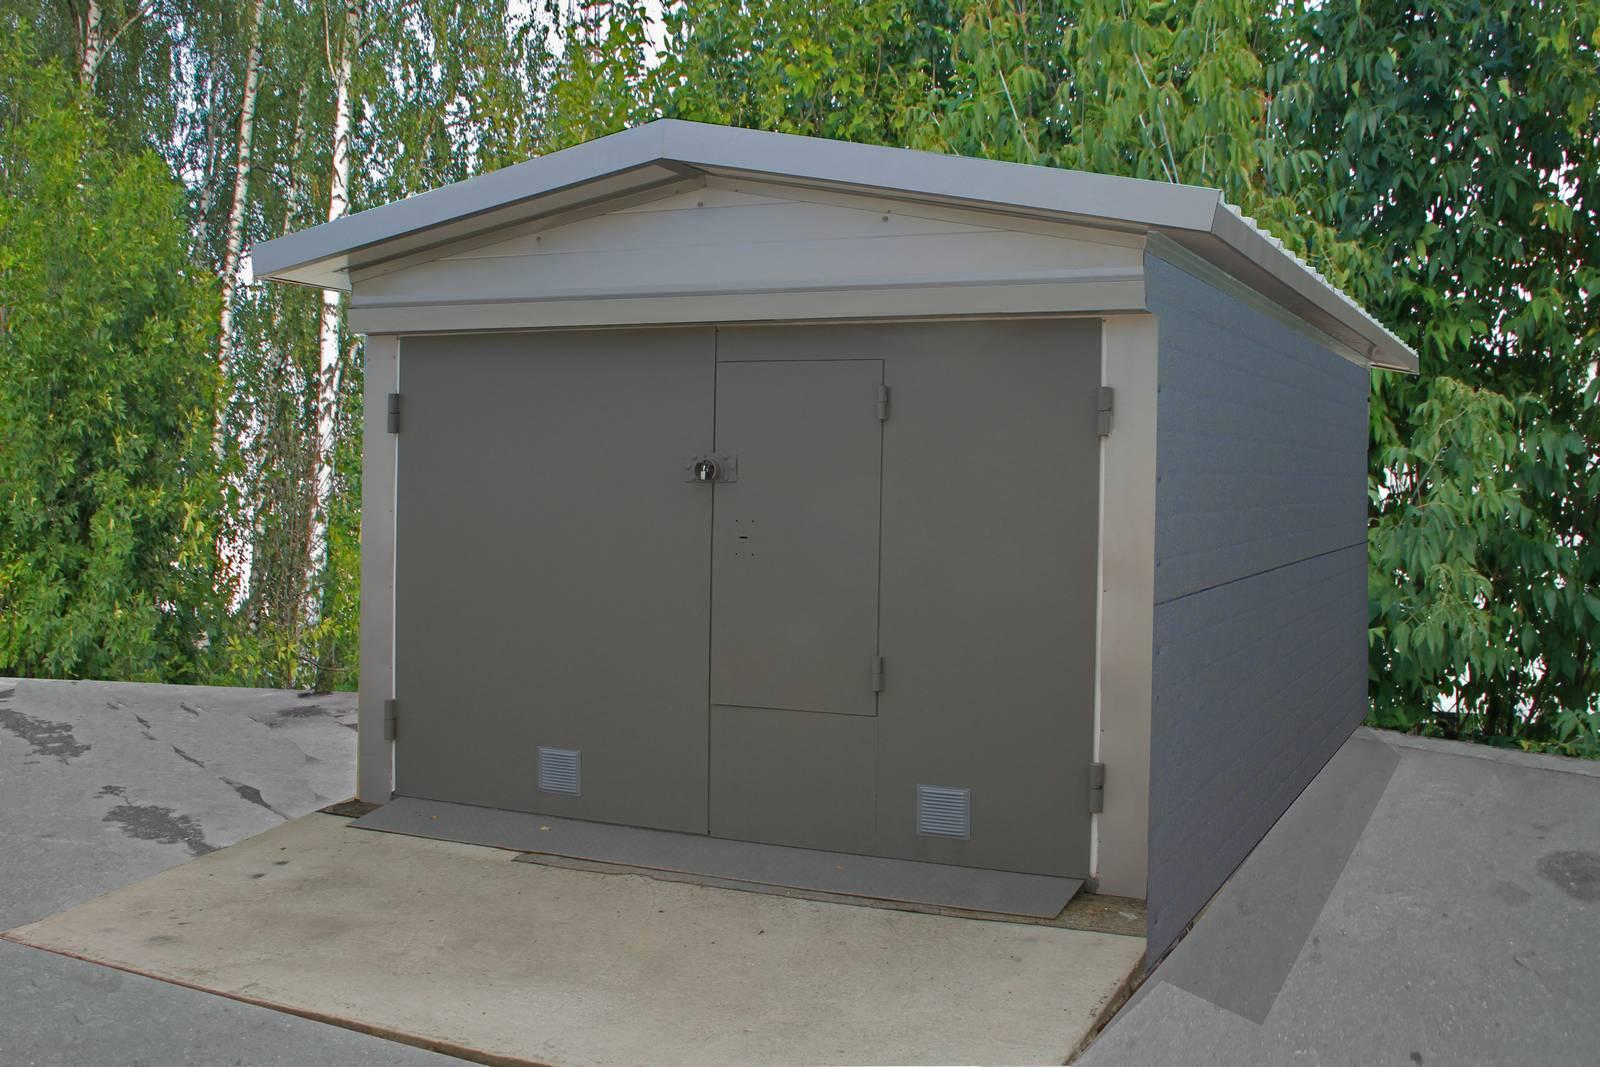 Построить гараж своими руками недорого 6 9 из сэндвич панелей 97